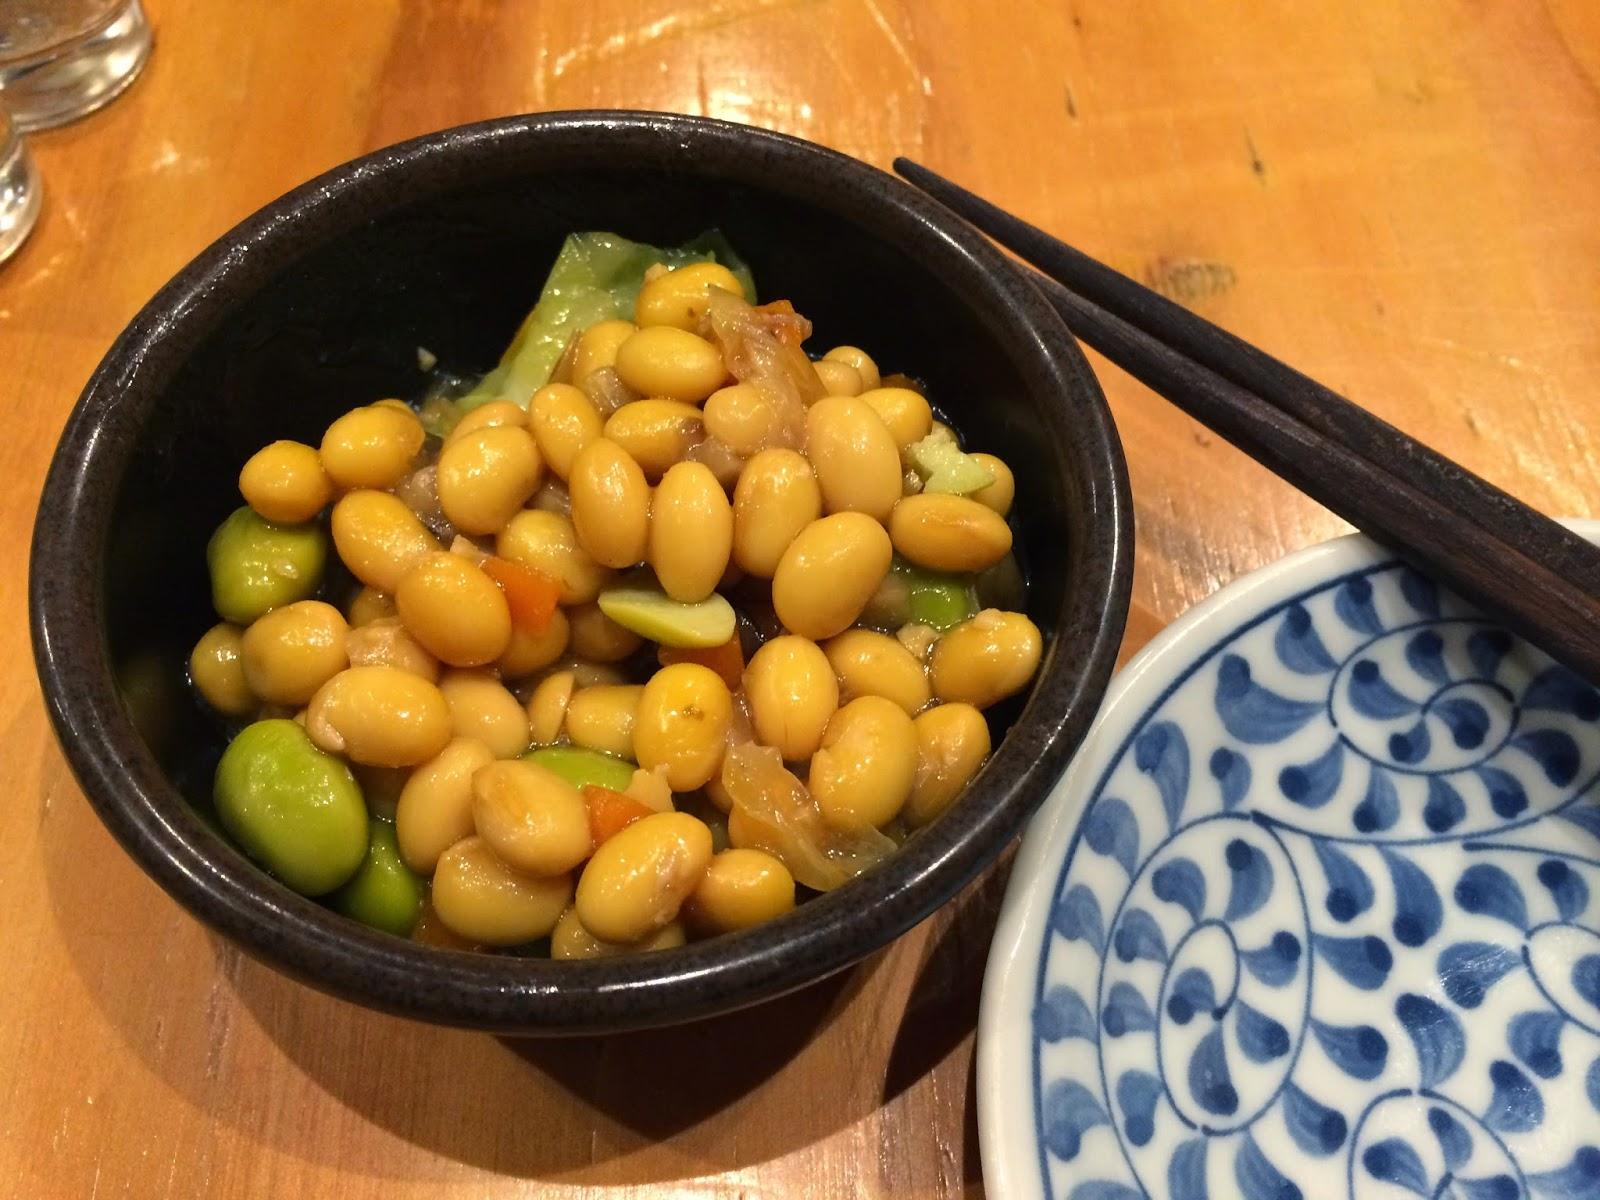 japan Japanese food tokyo izakaya appetizer